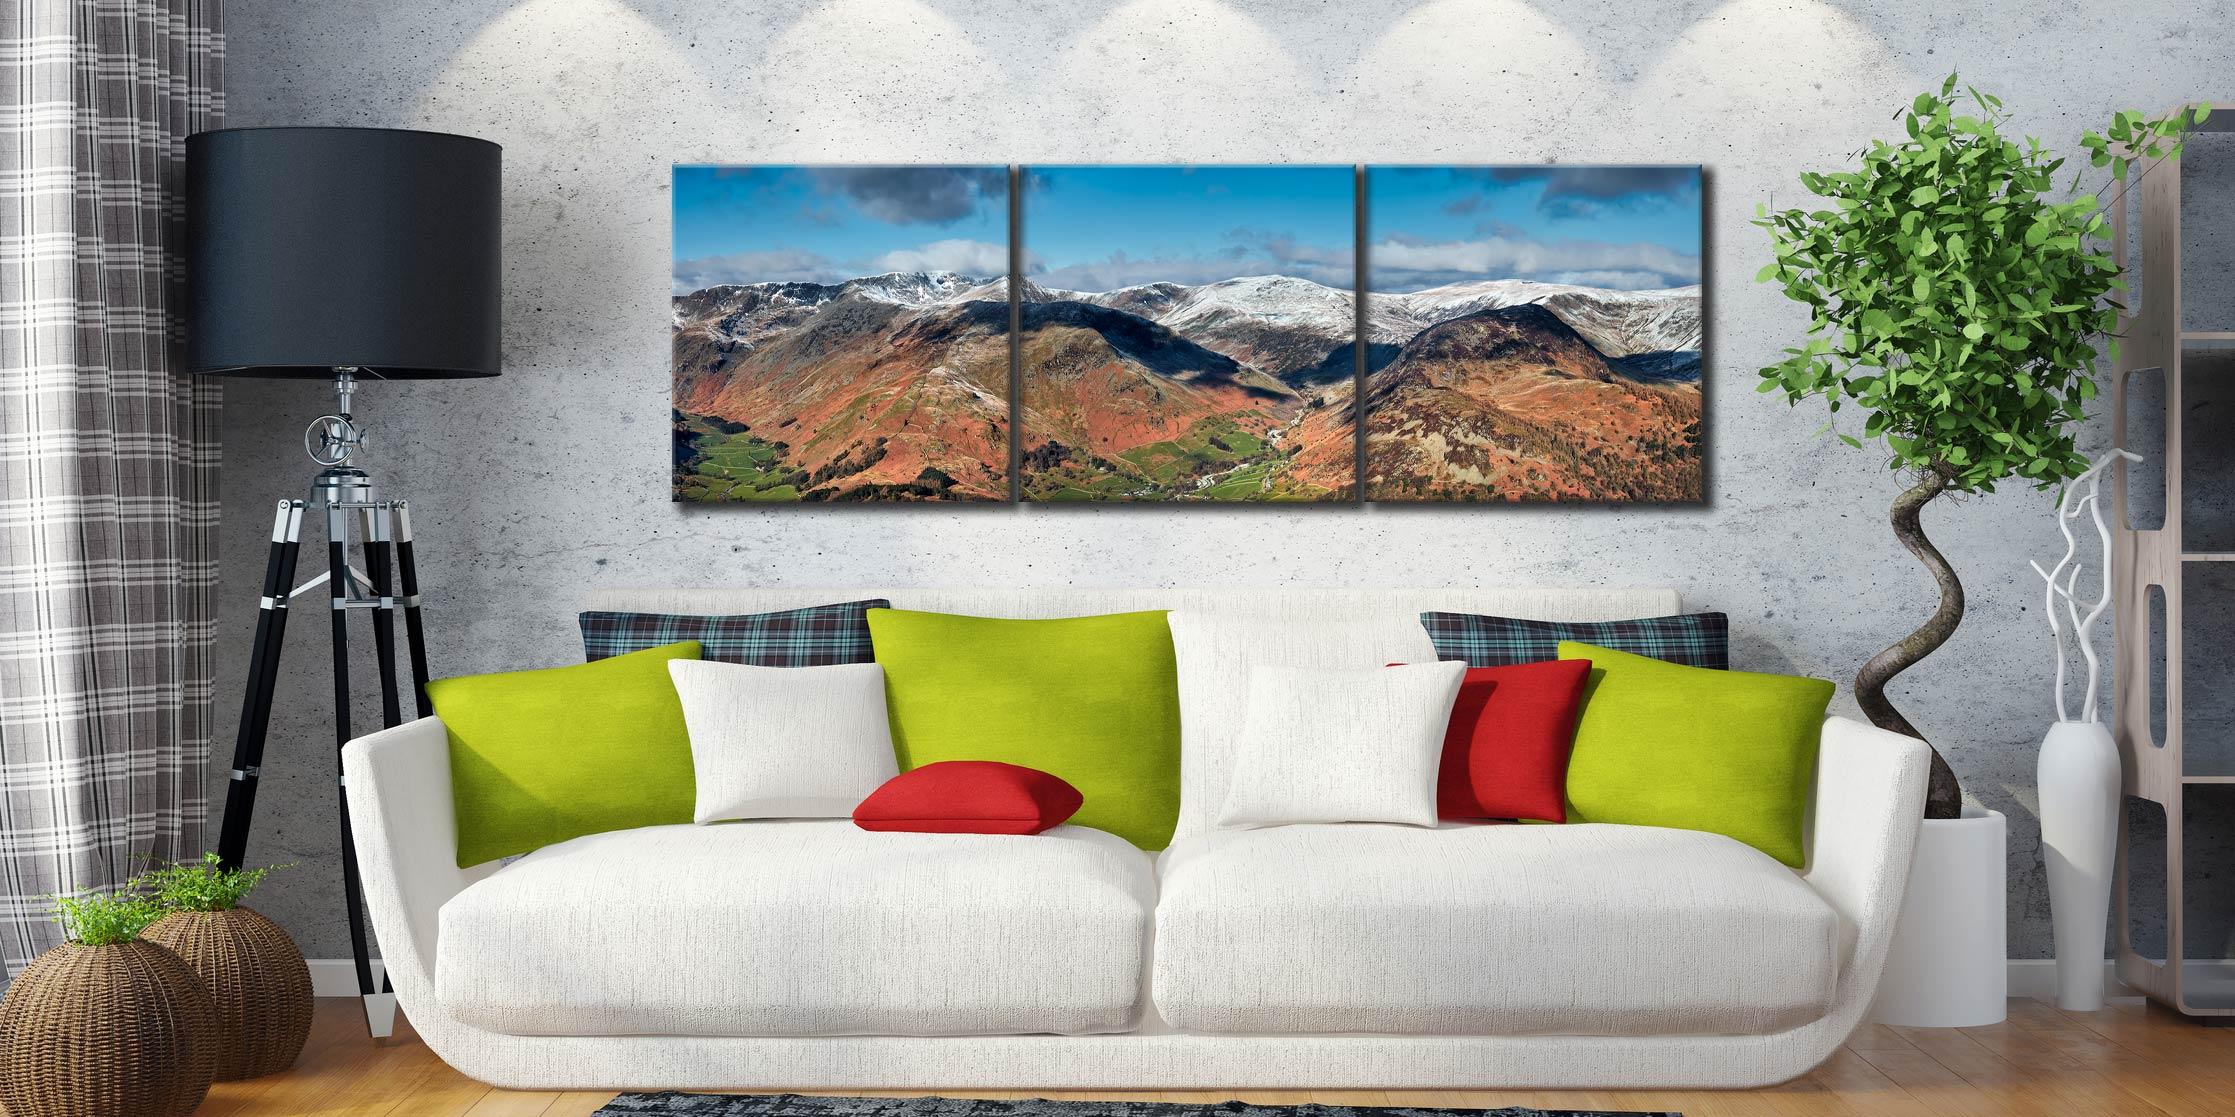 Glenridding Panorama - 3 Panel Canvas Print on Wall